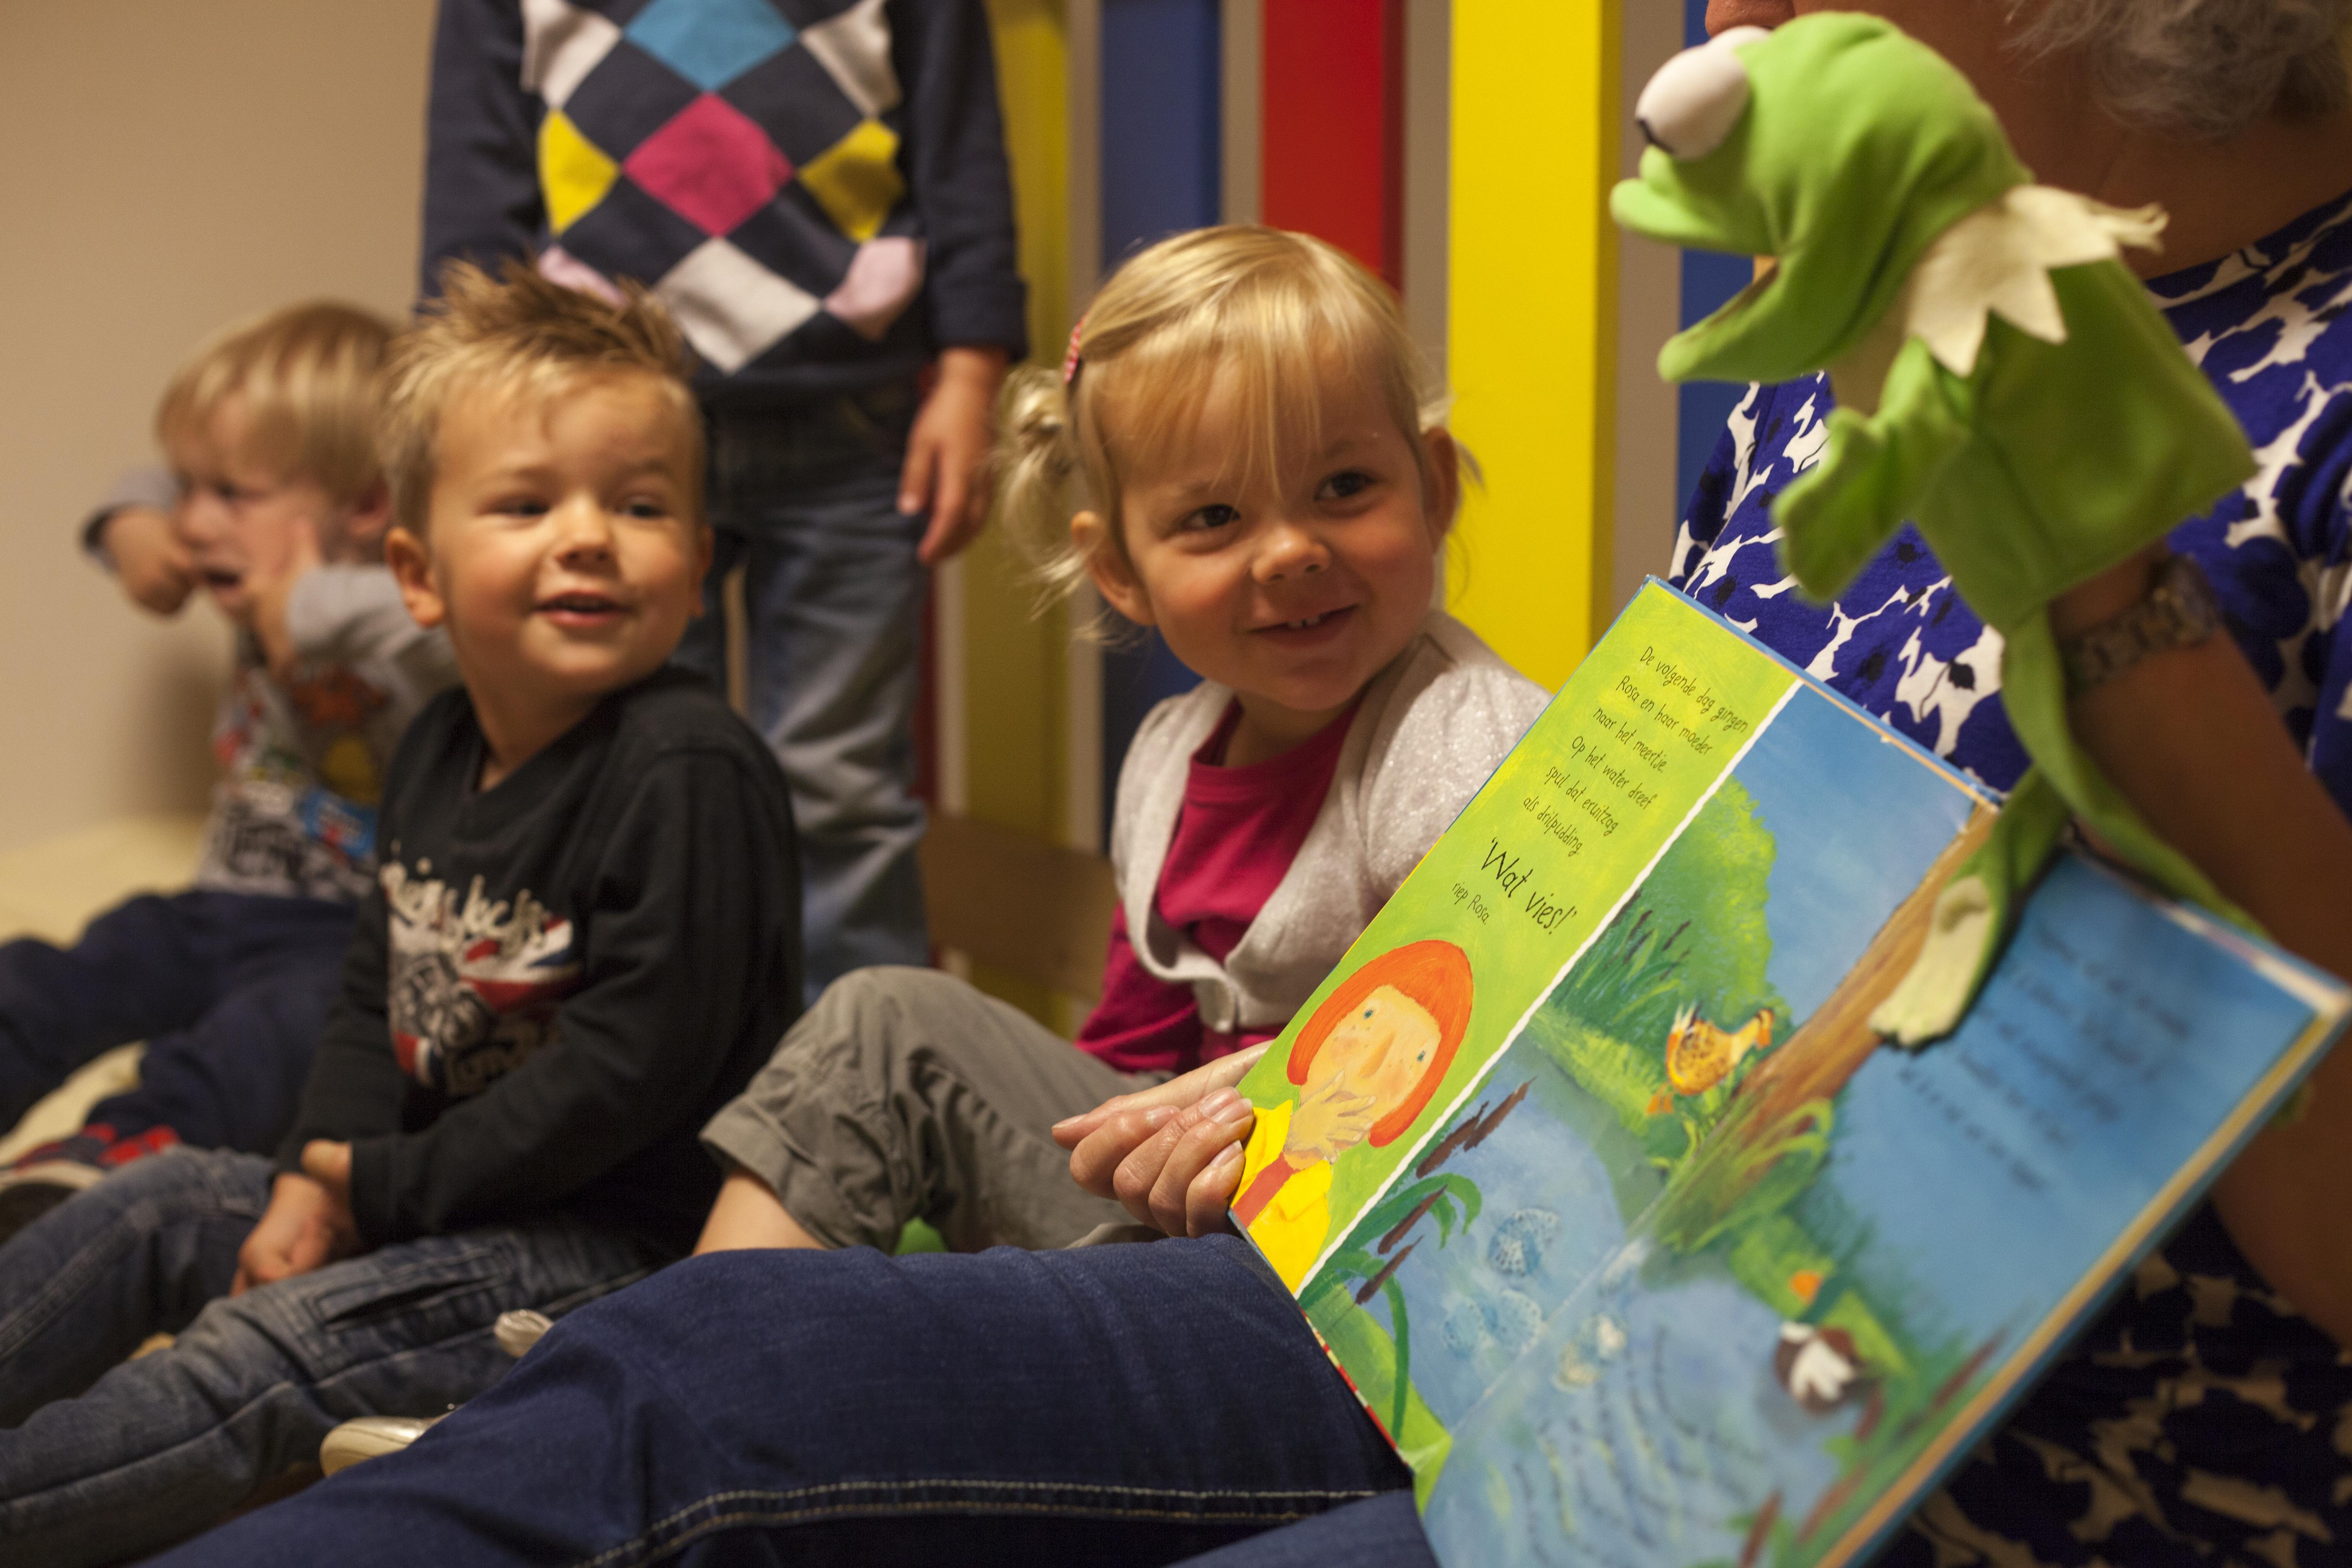 Pinokkio Peuteropvang Groningen - Kids First COP Groep